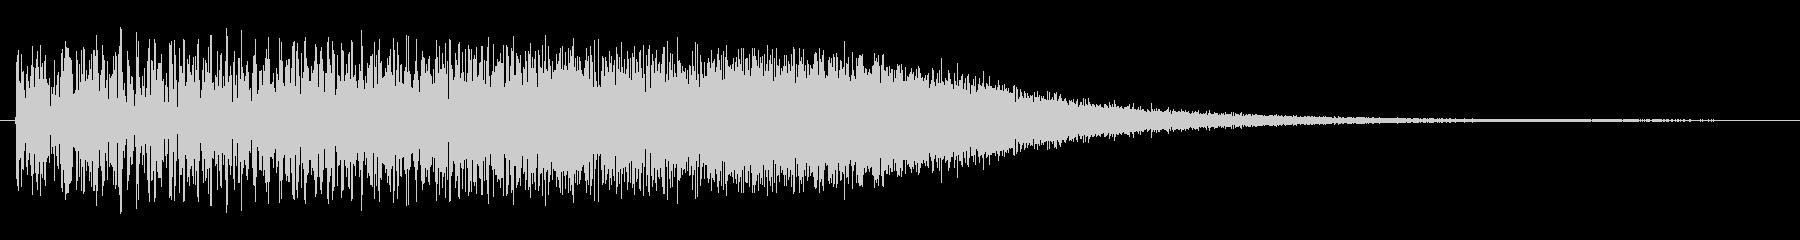 トゥルルルルルリン(場面転換向きの音源)の未再生の波形